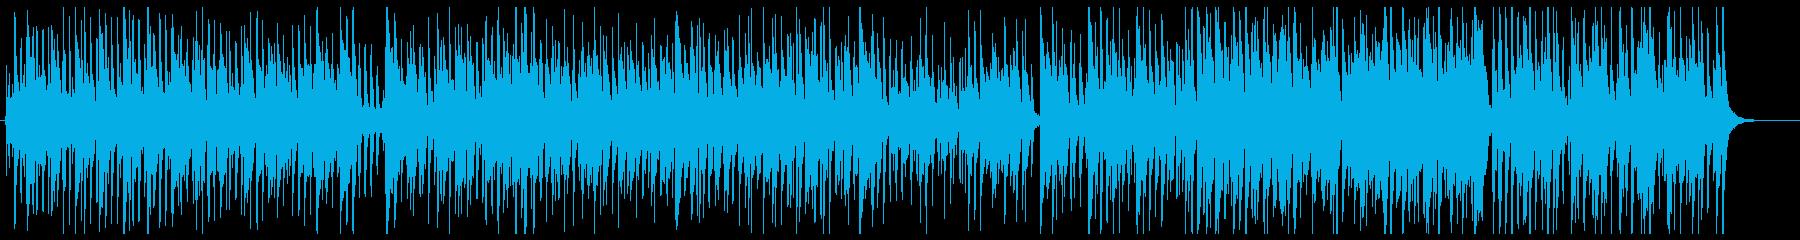 カフェミュージック感、です!の再生済みの波形